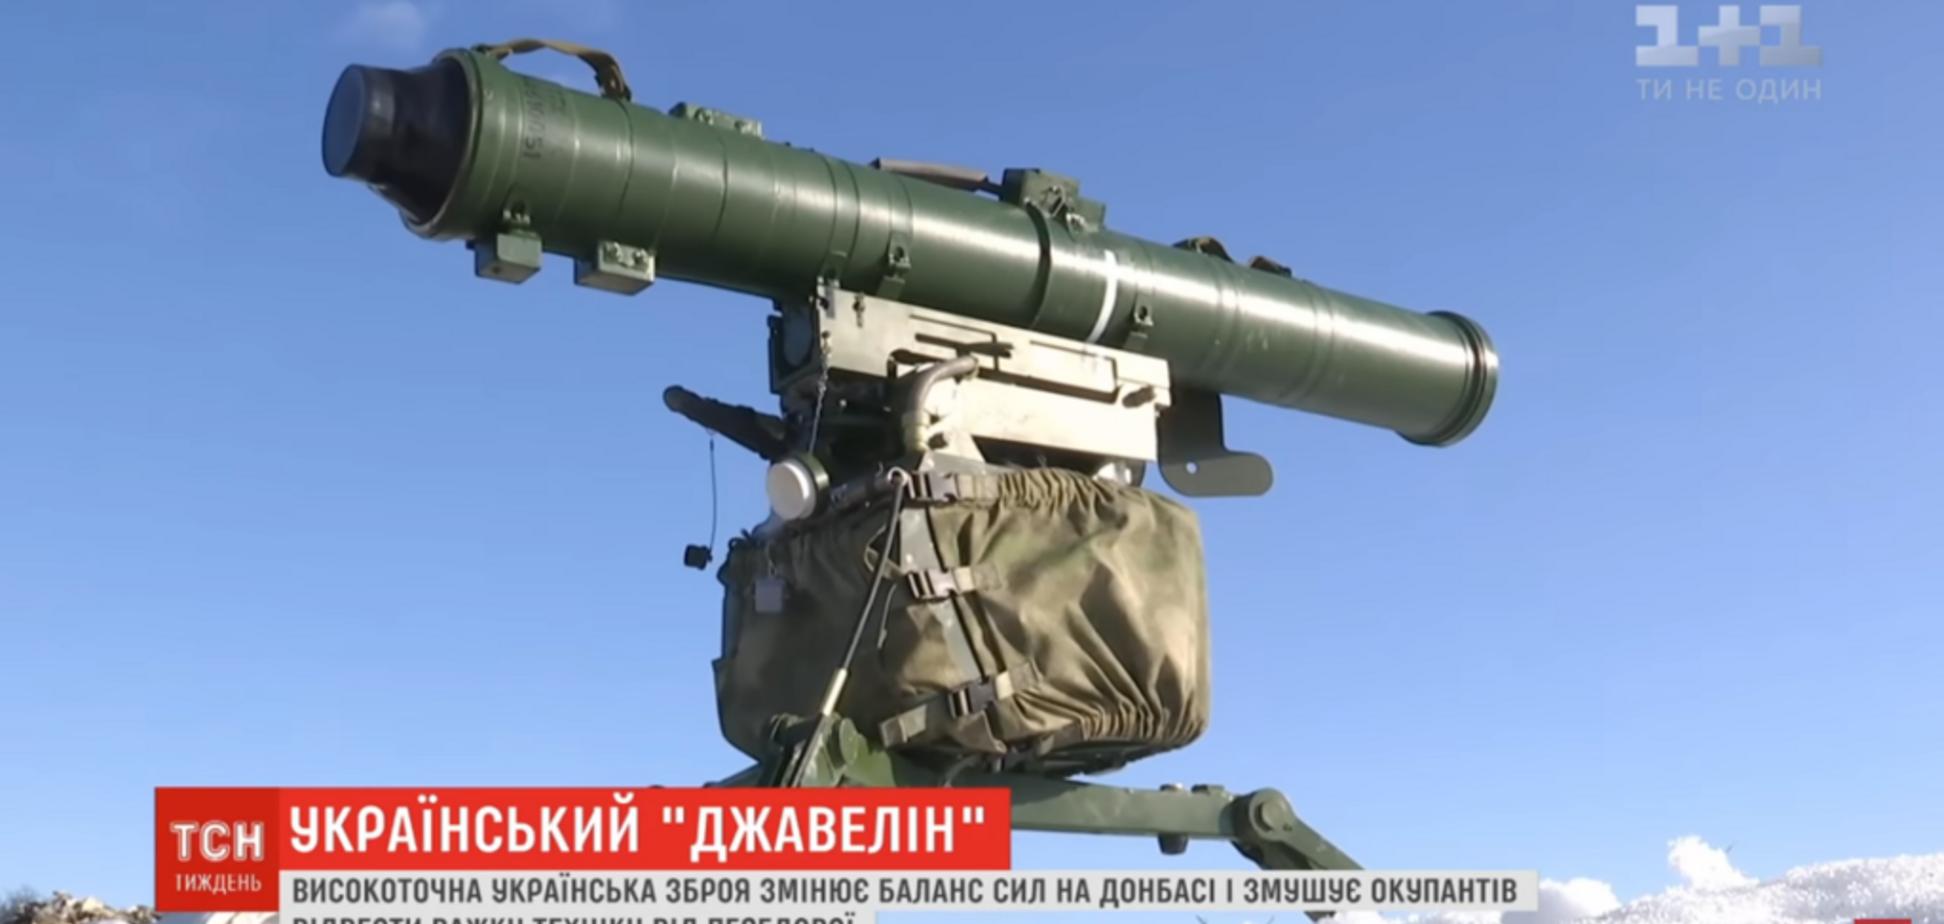 Гроза терористів: з'явилося відео роботи ''українського Javelin'' на Донбасі